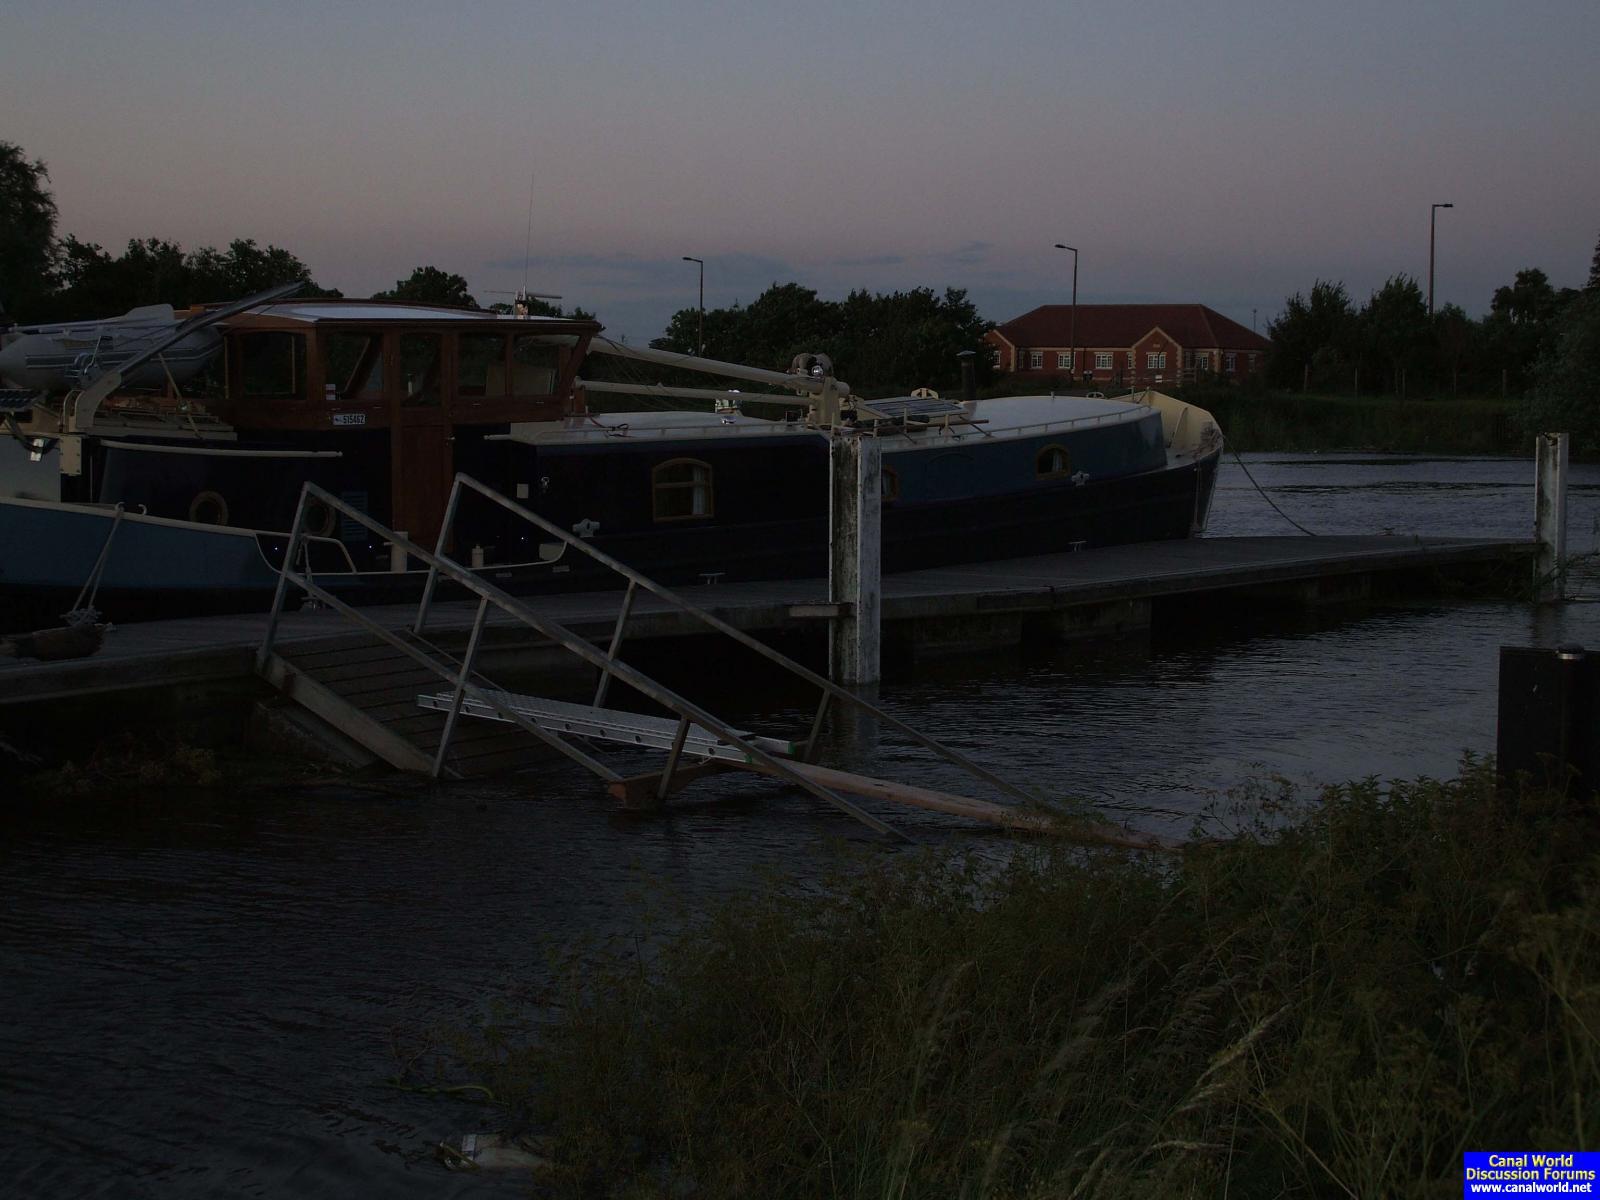 Torksey 27th June 2007